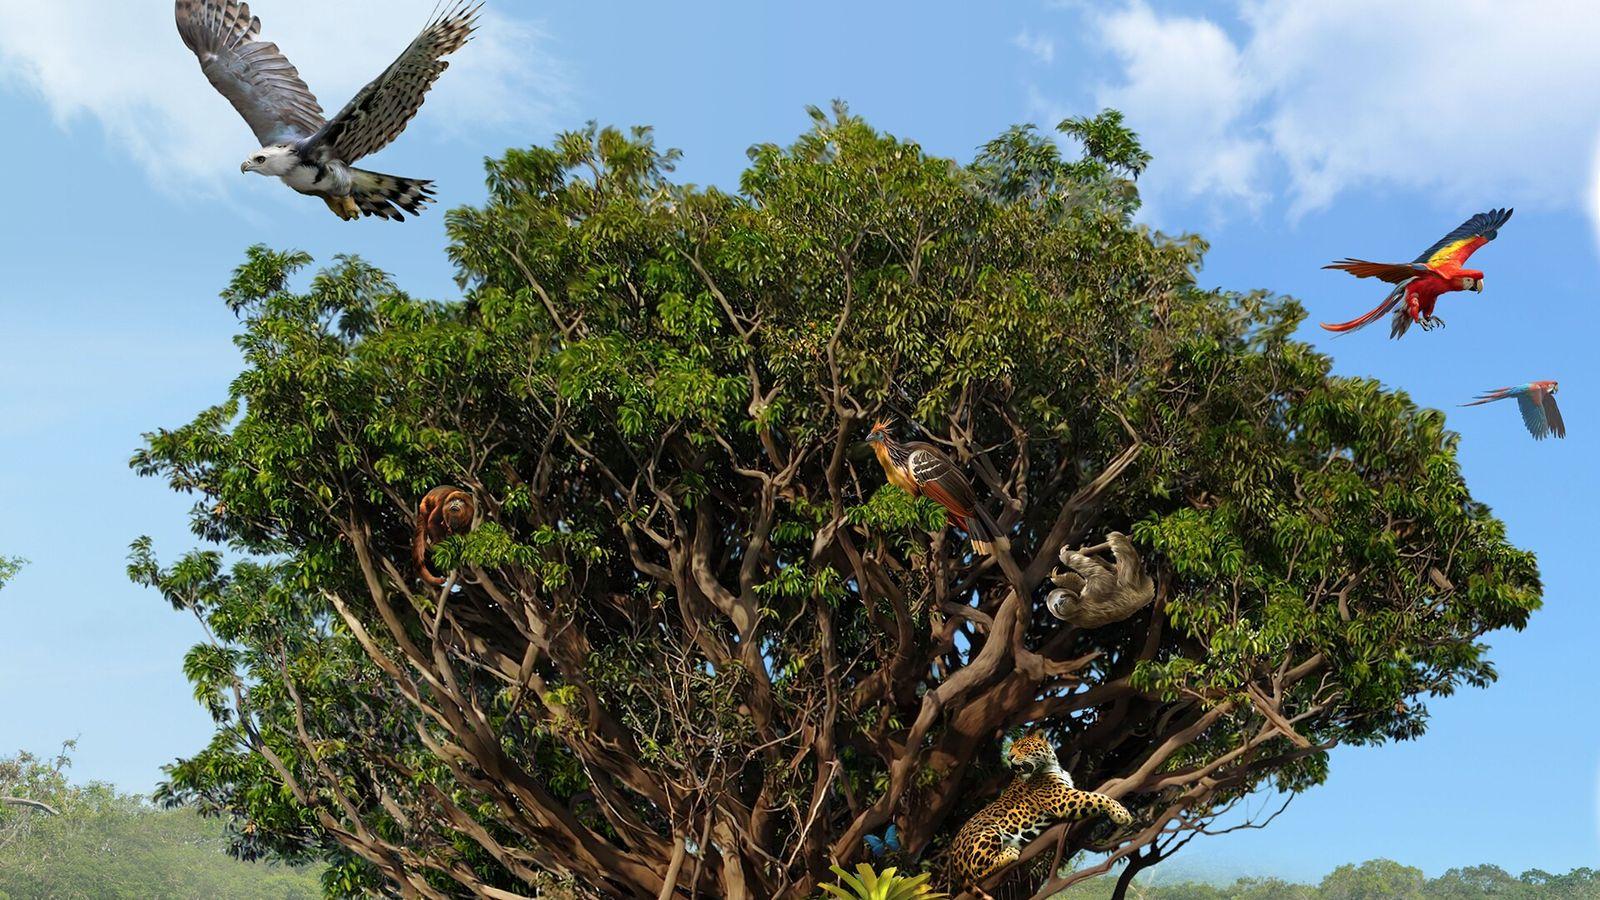 Amazonia Igapo